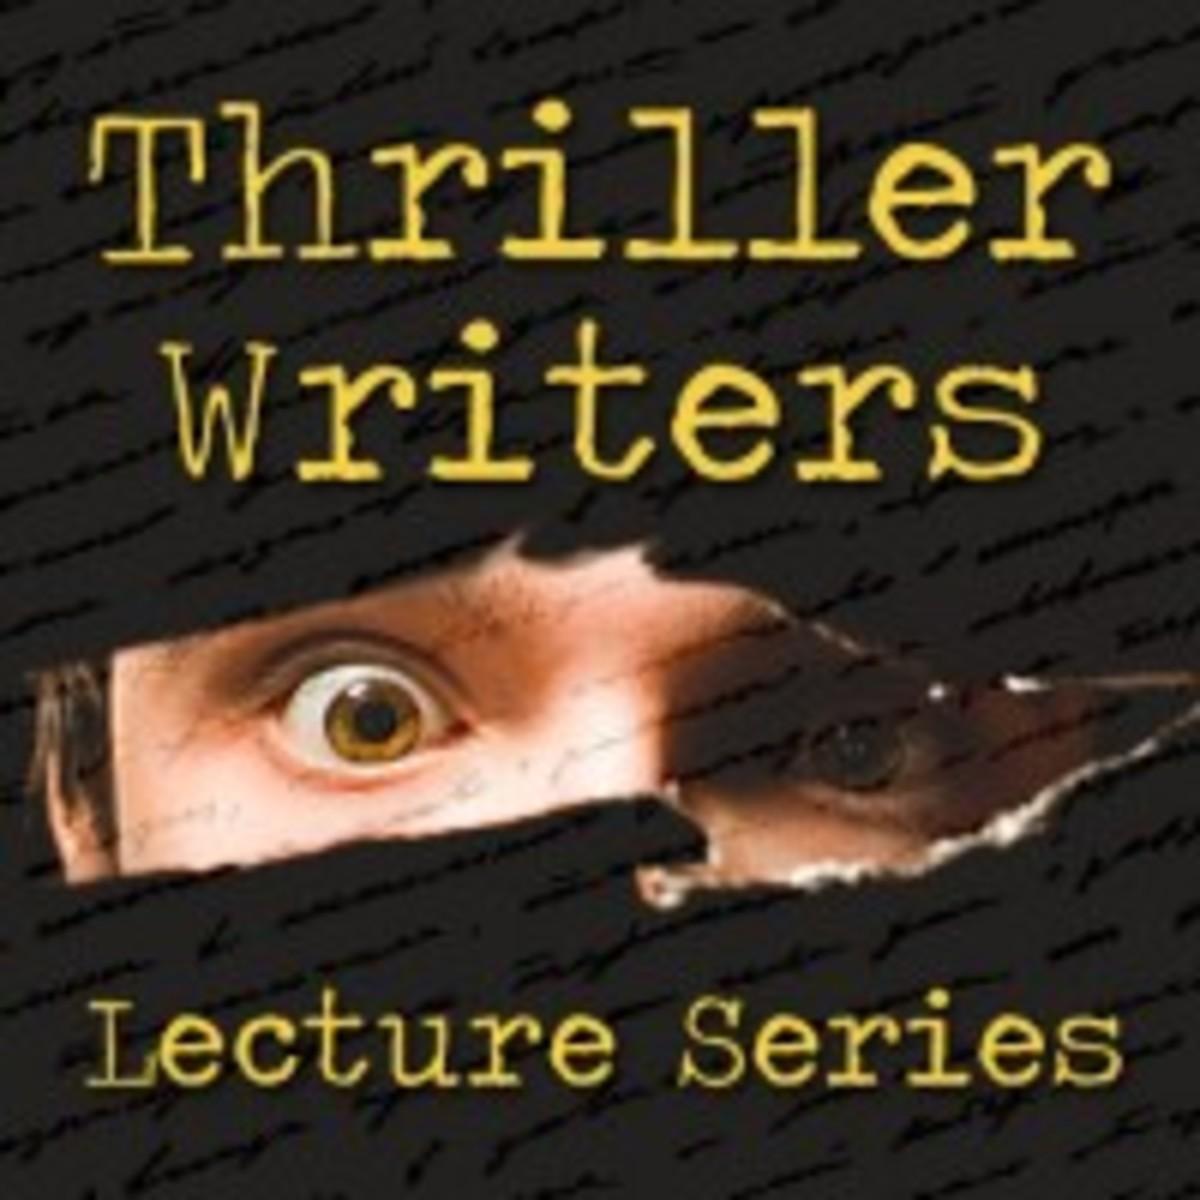 wd_thrillerwriterslecture-500